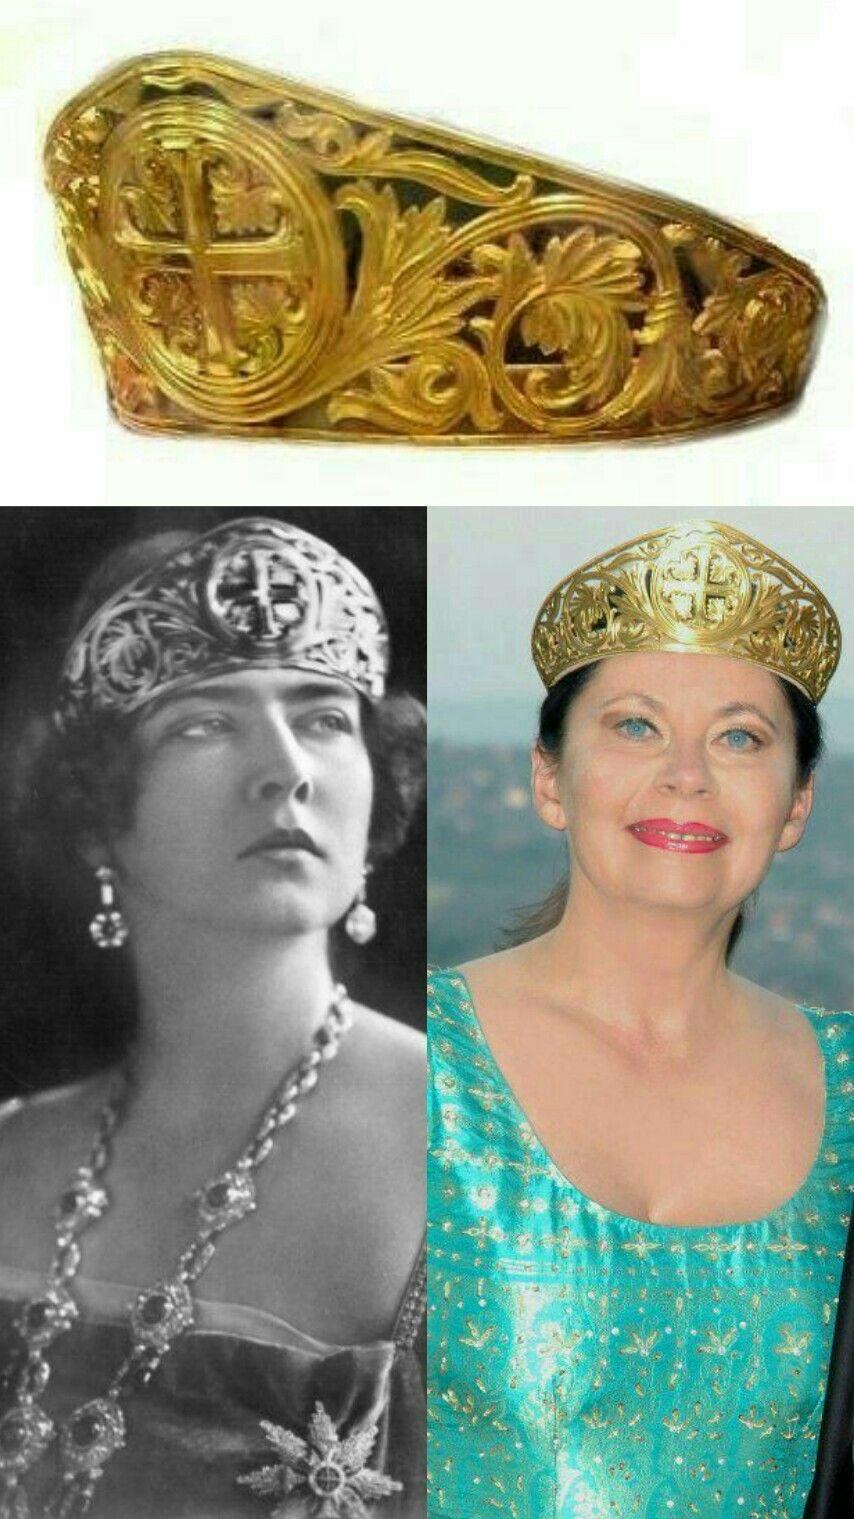 pimienta Elemental poco claro  Tiara Dorada:Maria de Rumamia. Reina de Yugoslavia & Princesa Brigitta de  Serbia   Royal jewelry, Royal crown jewels, Royal jewels